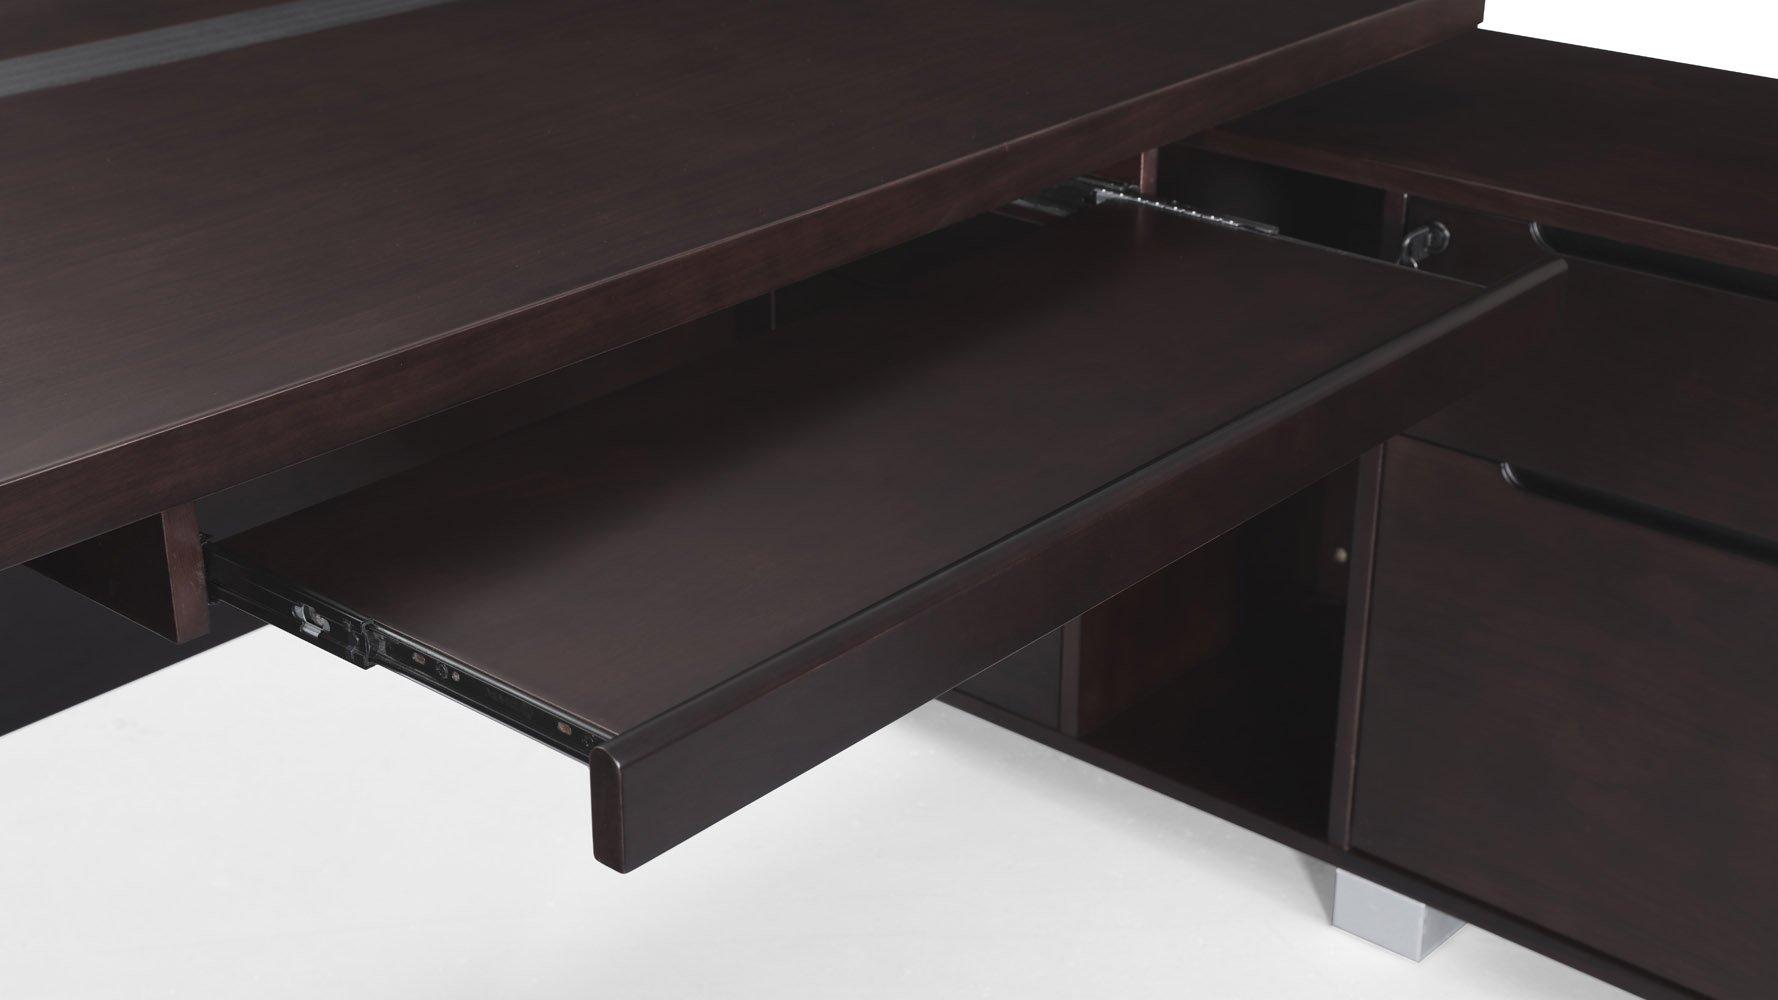 Ford Desk With Return Dark Walnut